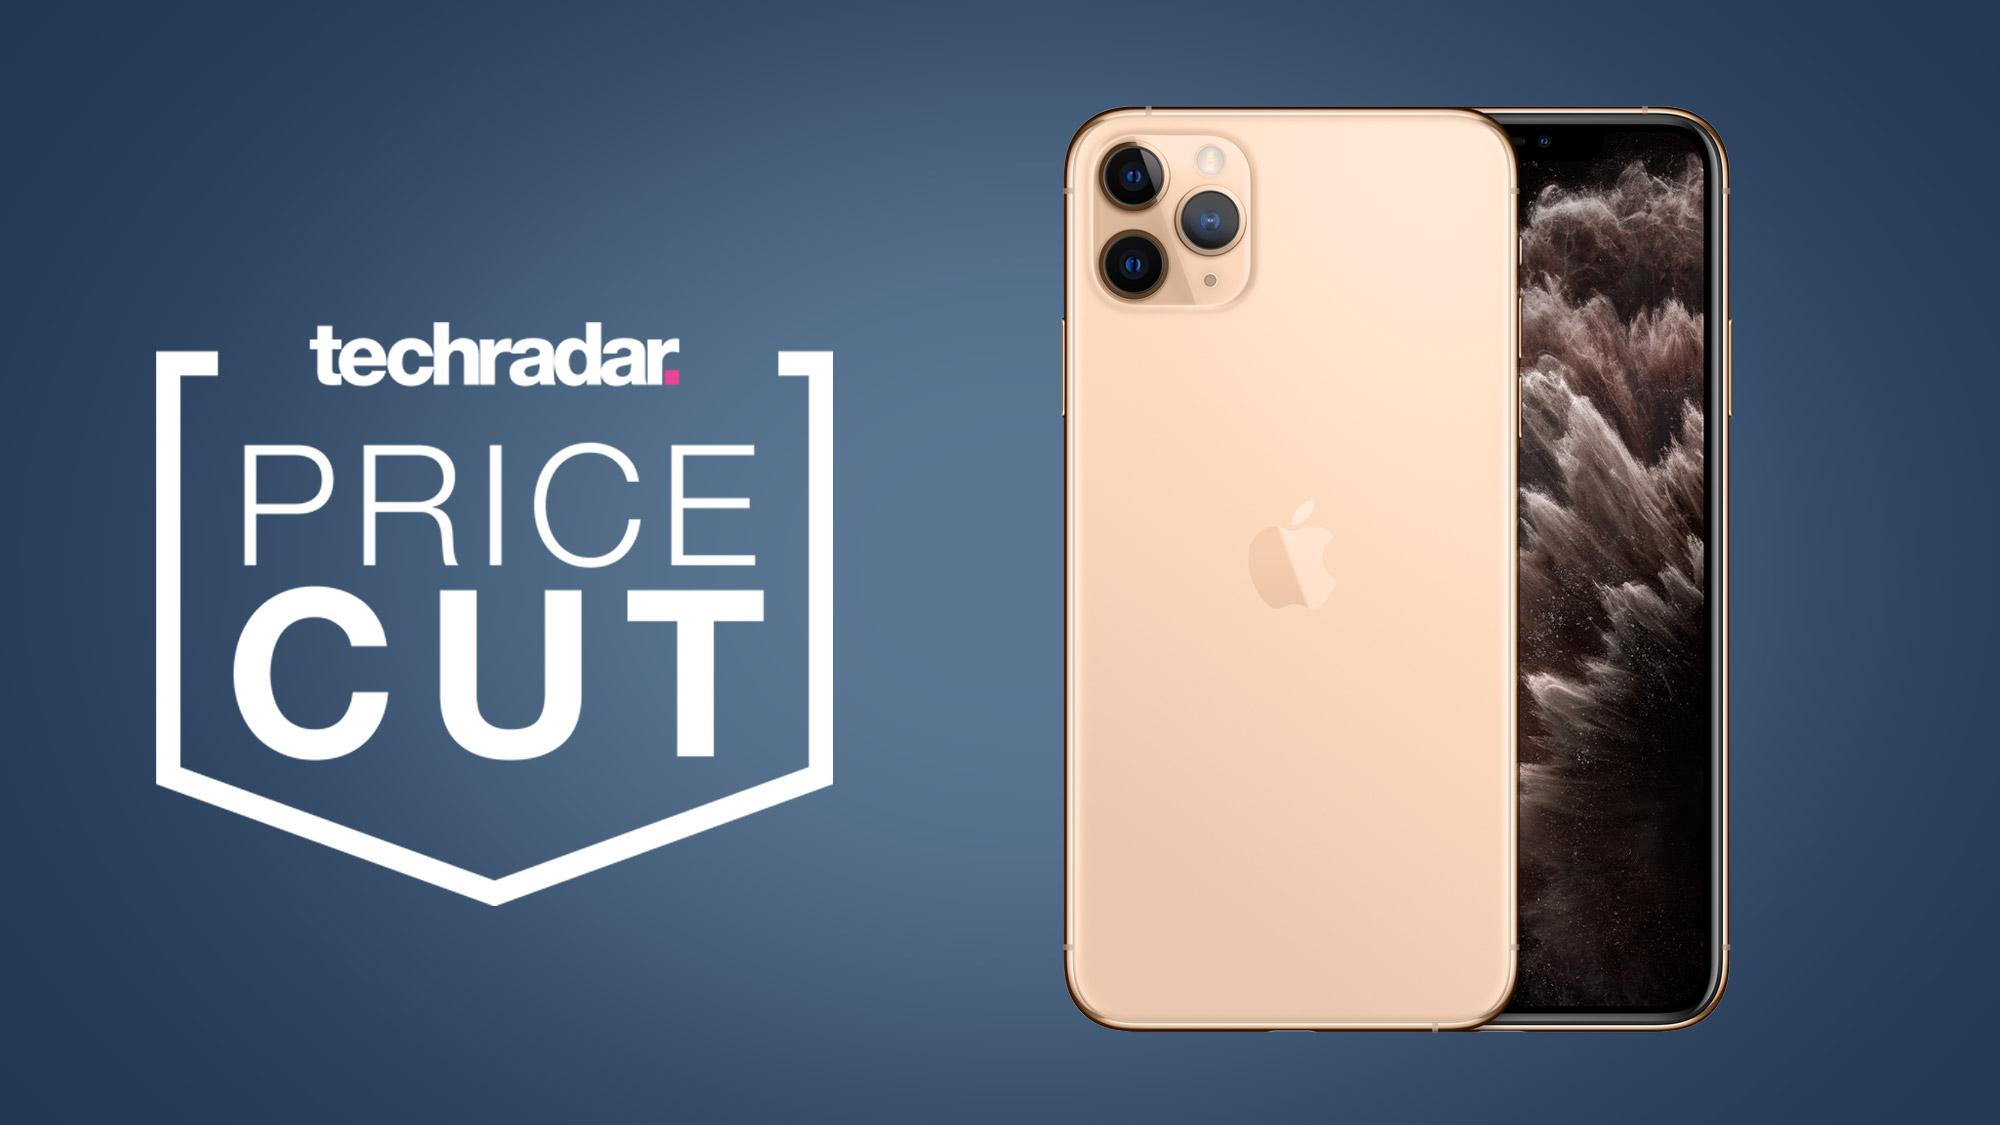 Tiết kiệm 100 USD khi mua iPhone 11, 11 Pro và 11 Pro Max